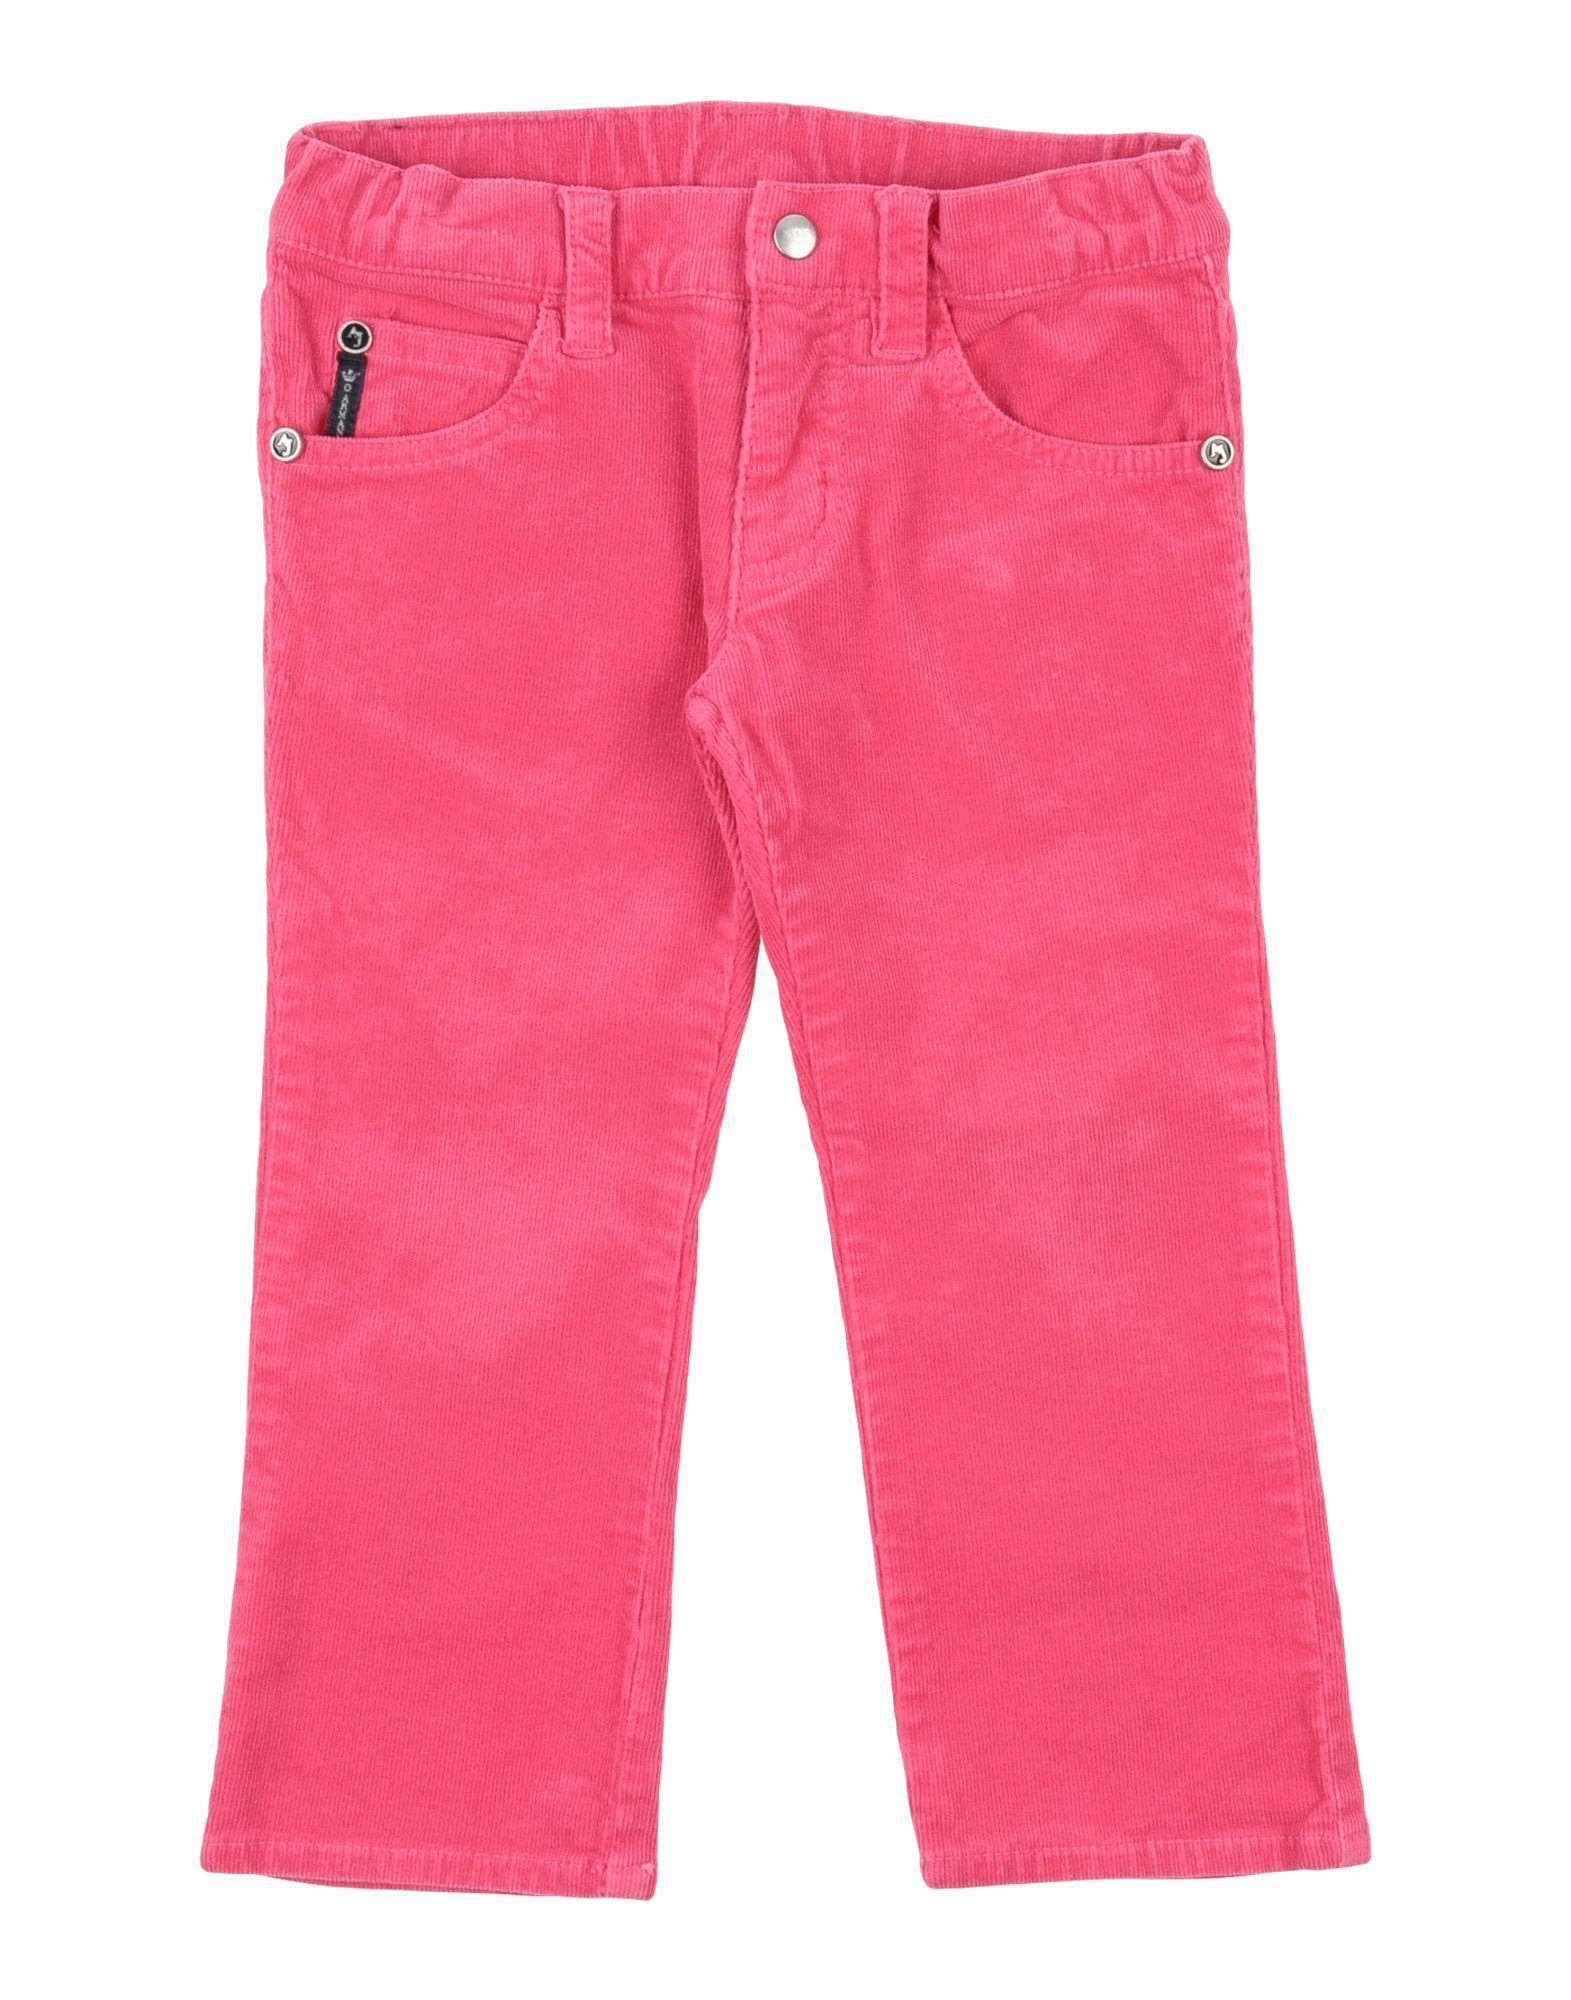 TROUSERS Armani Junior Fuchsia Girl Cotton